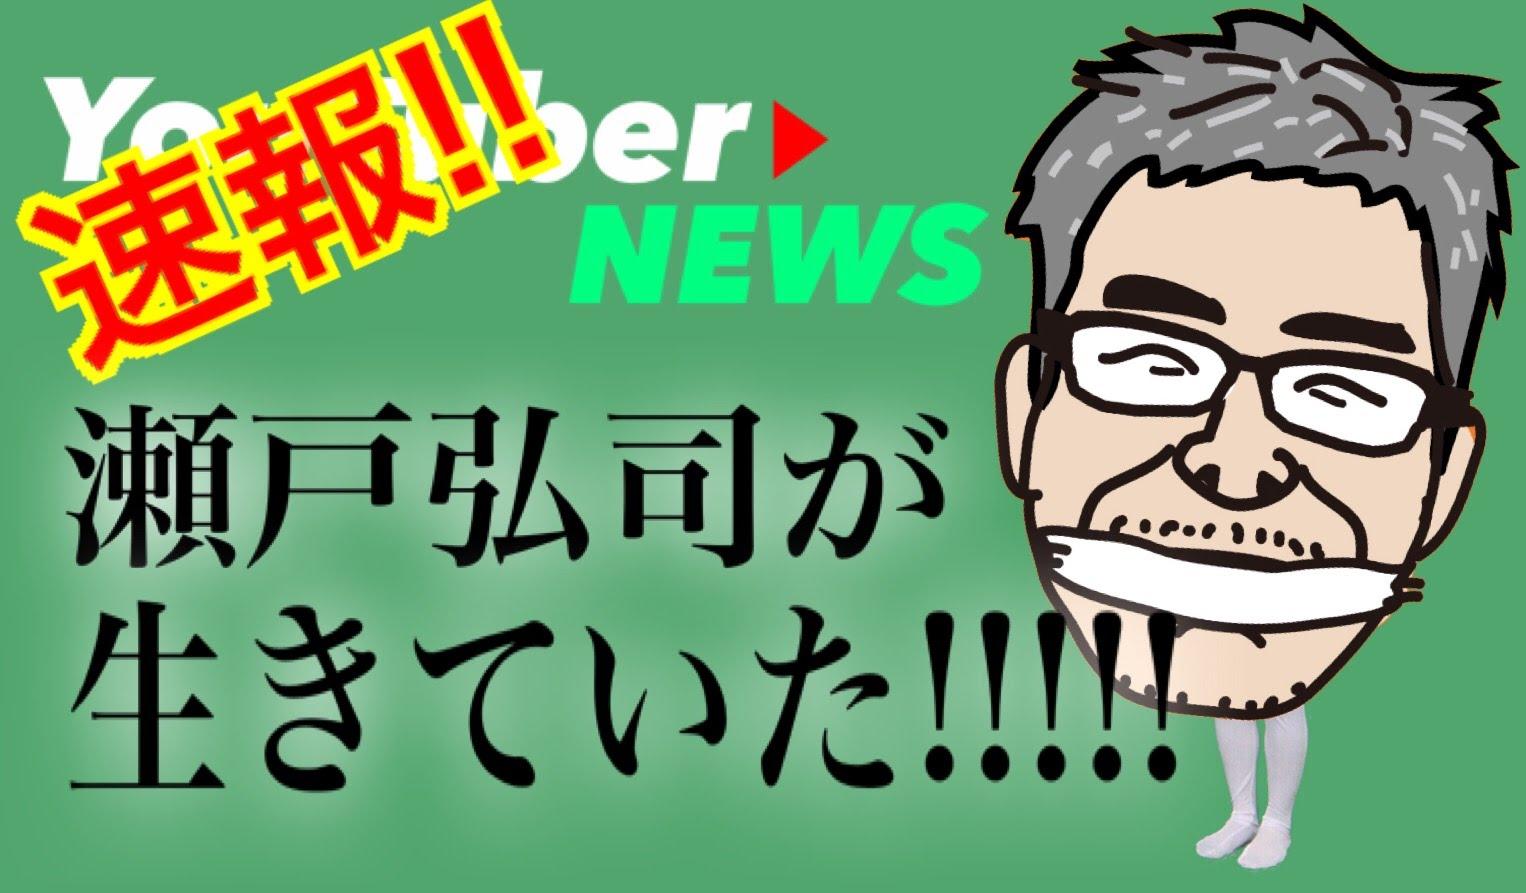 瀬戸弘司が遂に復活!動画に登場し生存を確認!視聴者からは「生きててよかった」などのコメントが多数